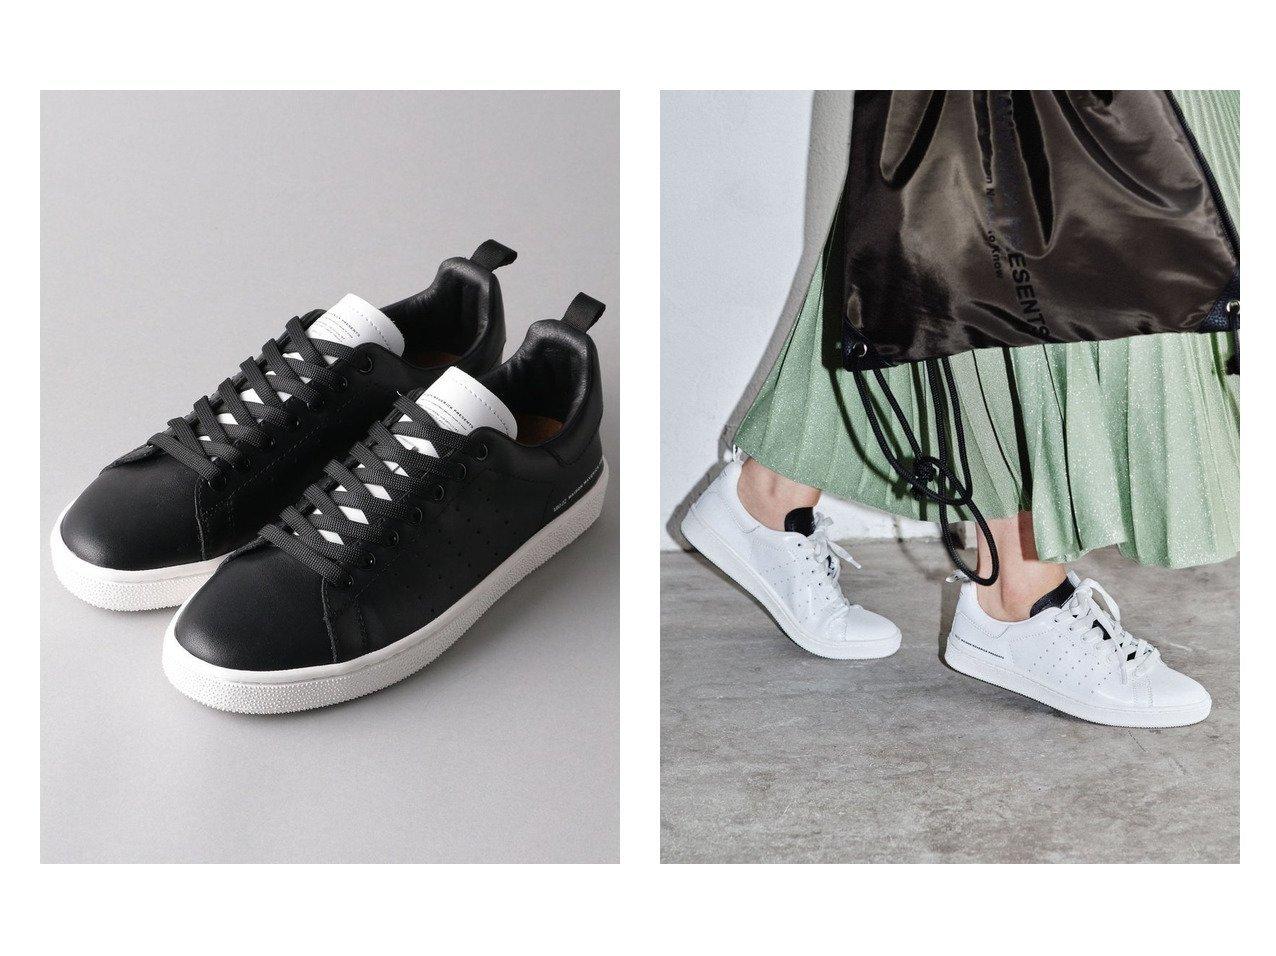 【Odette e Odile/オデット エ オディール】のMAISON MAVERICK PRESENTS Tennis 【シューズ・靴】おすすめ!人気、トレンド・レディースファッションの通販 おすすめで人気の流行・トレンド、ファッションの通販商品 メンズファッション・キッズファッション・インテリア・家具・レディースファッション・服の通販 founy(ファニー) https://founy.com/ ファッション Fashion レディースファッション WOMEN A/W・秋冬 AW・Autumn/Winter・FW・Fall-Winter おすすめ Recommend シューズ シンプル スニーカー スリッポン 人気 |ID:crp329100000028400